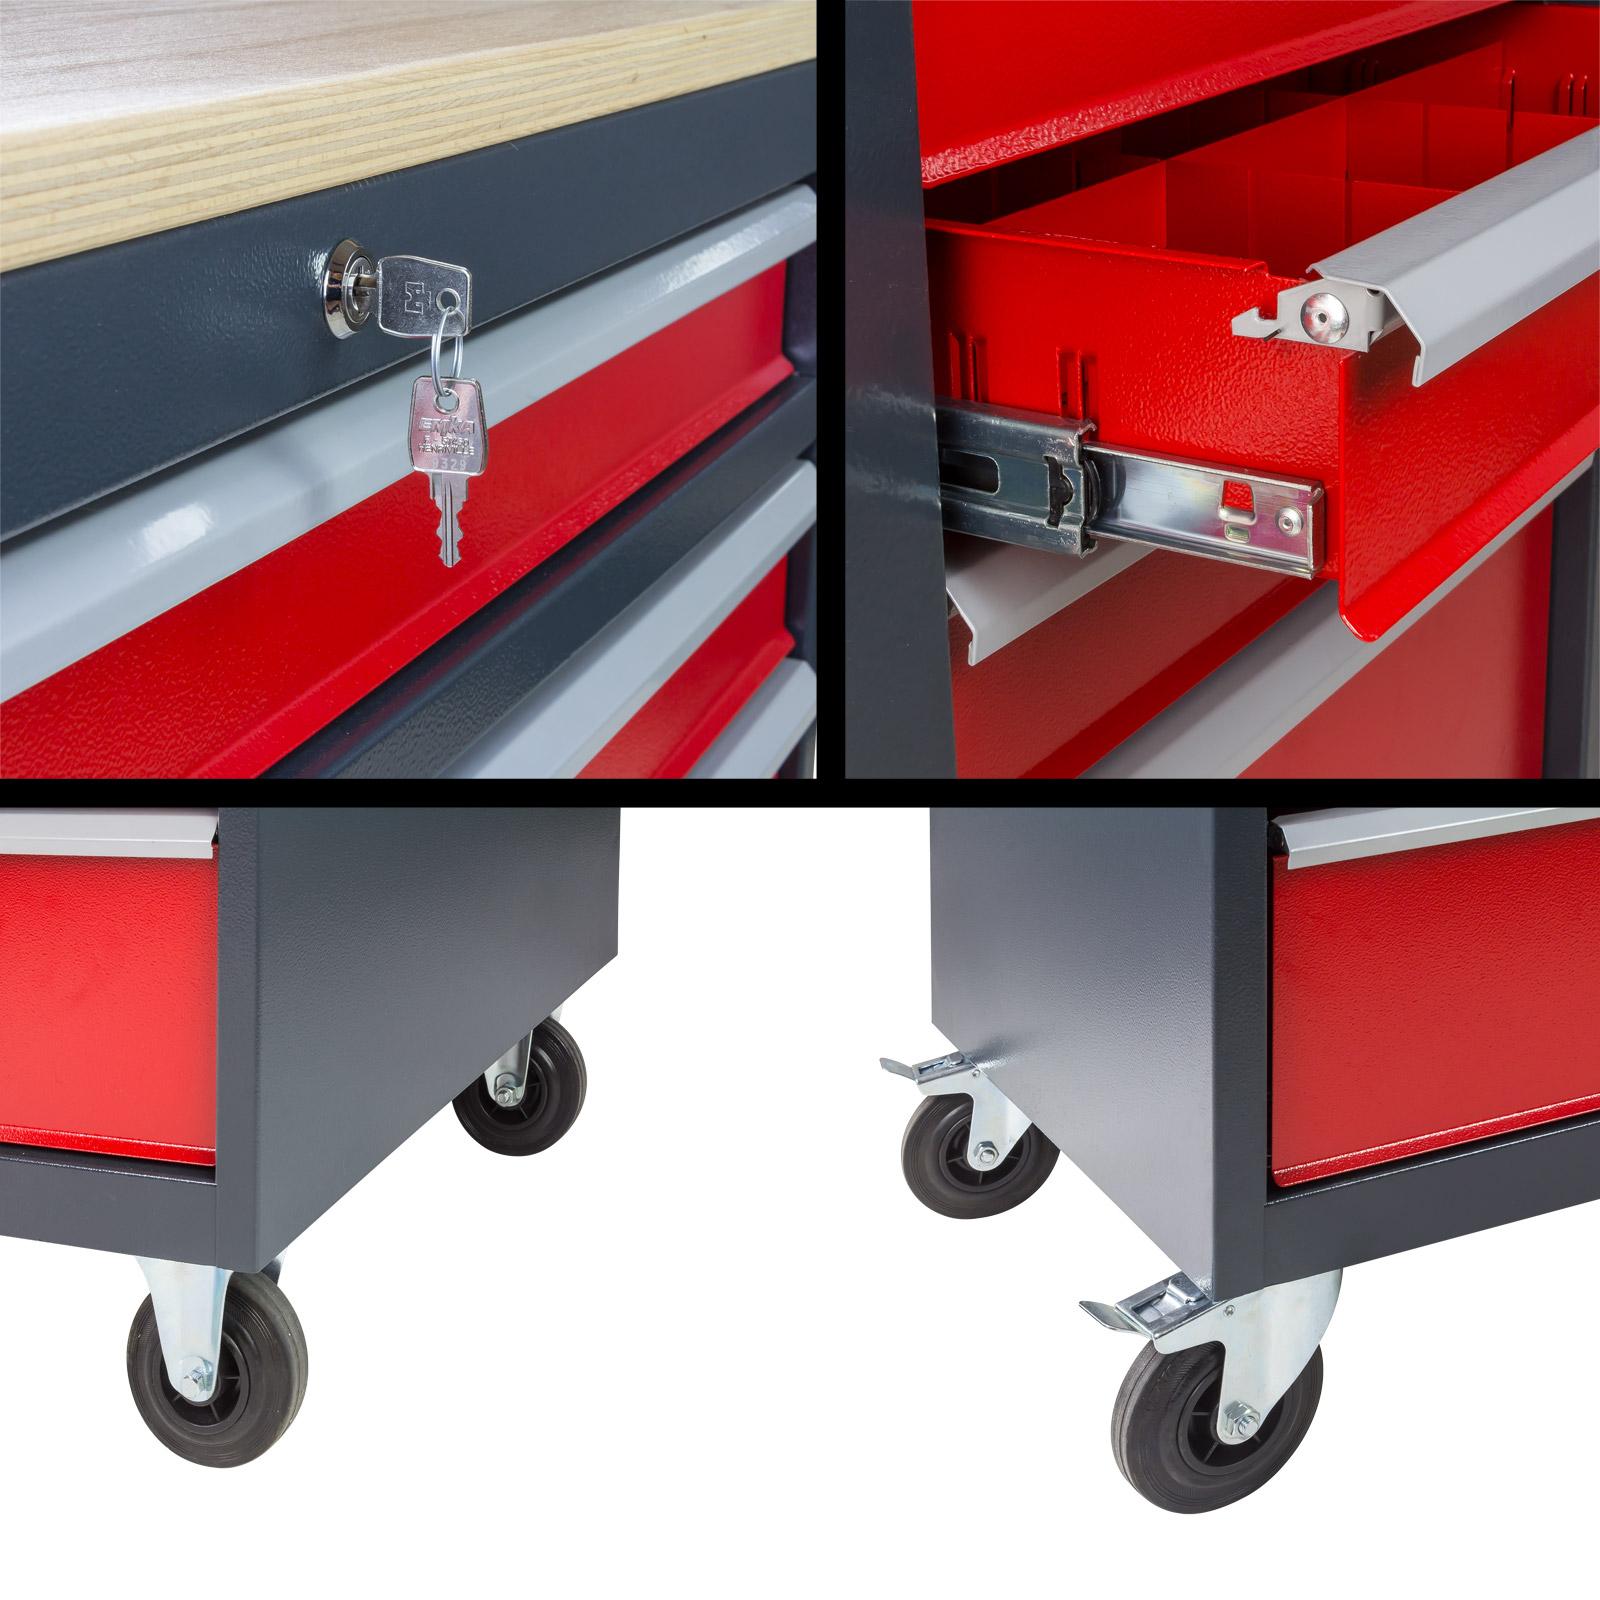 werkbank werktisch transportwagen schubladenwagen mobil. Black Bedroom Furniture Sets. Home Design Ideas